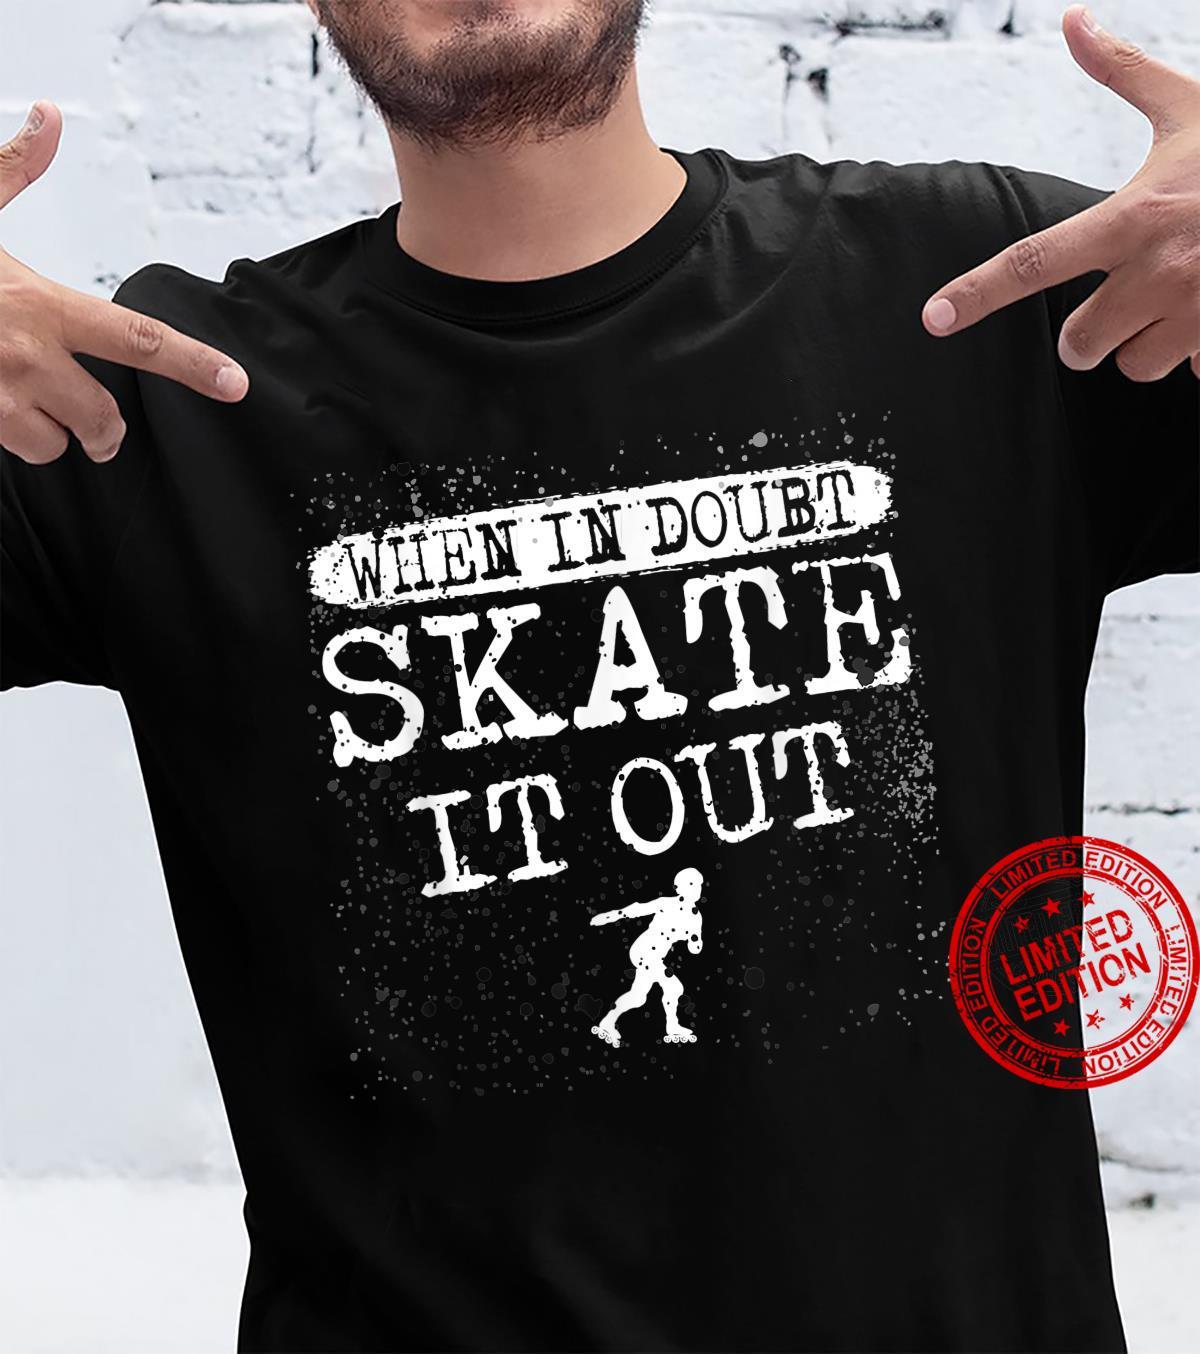 When In Doubt Skate It Out Skating Für Einen Inline Skater Shirt